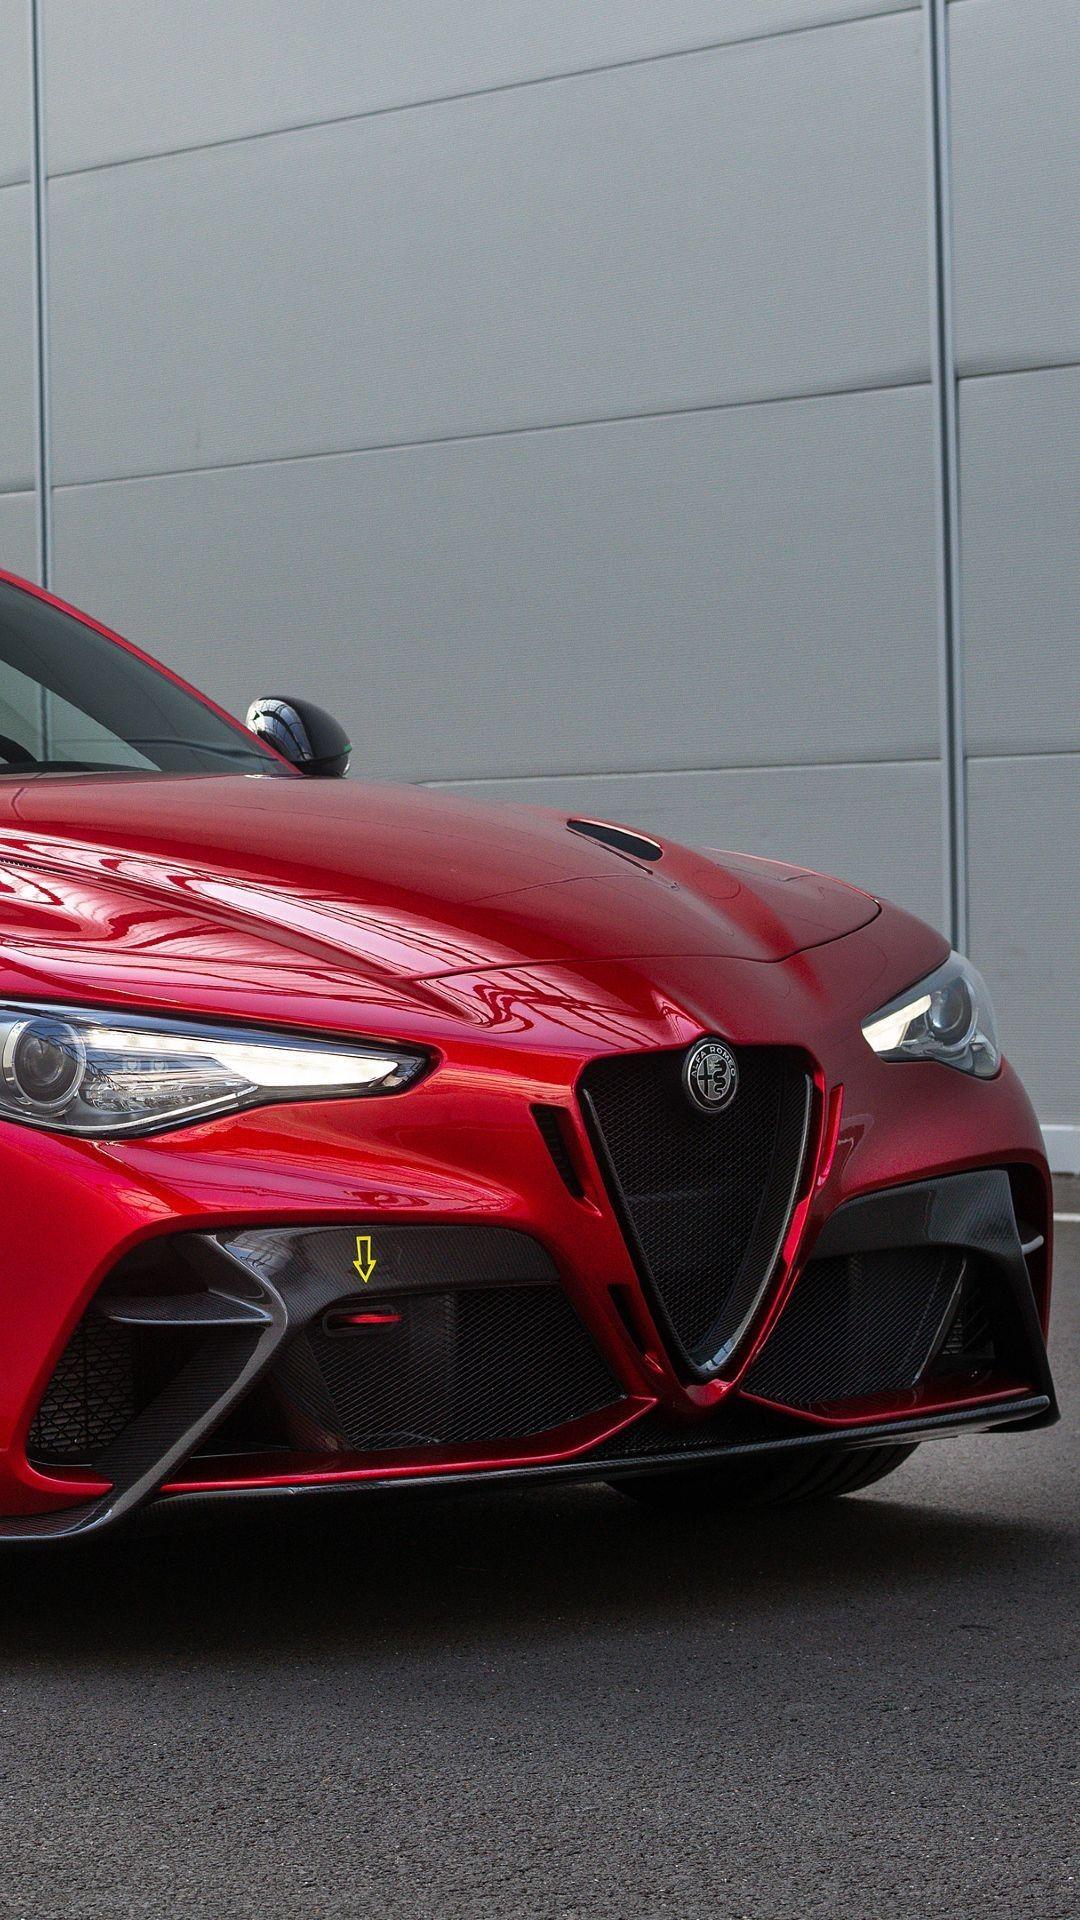 Alfa Romeo Mobile Full Hd Wallpapers 1080x1920 In 2021 Full Hd Wallpaper Luxury Car Photos Hd Wallpaper